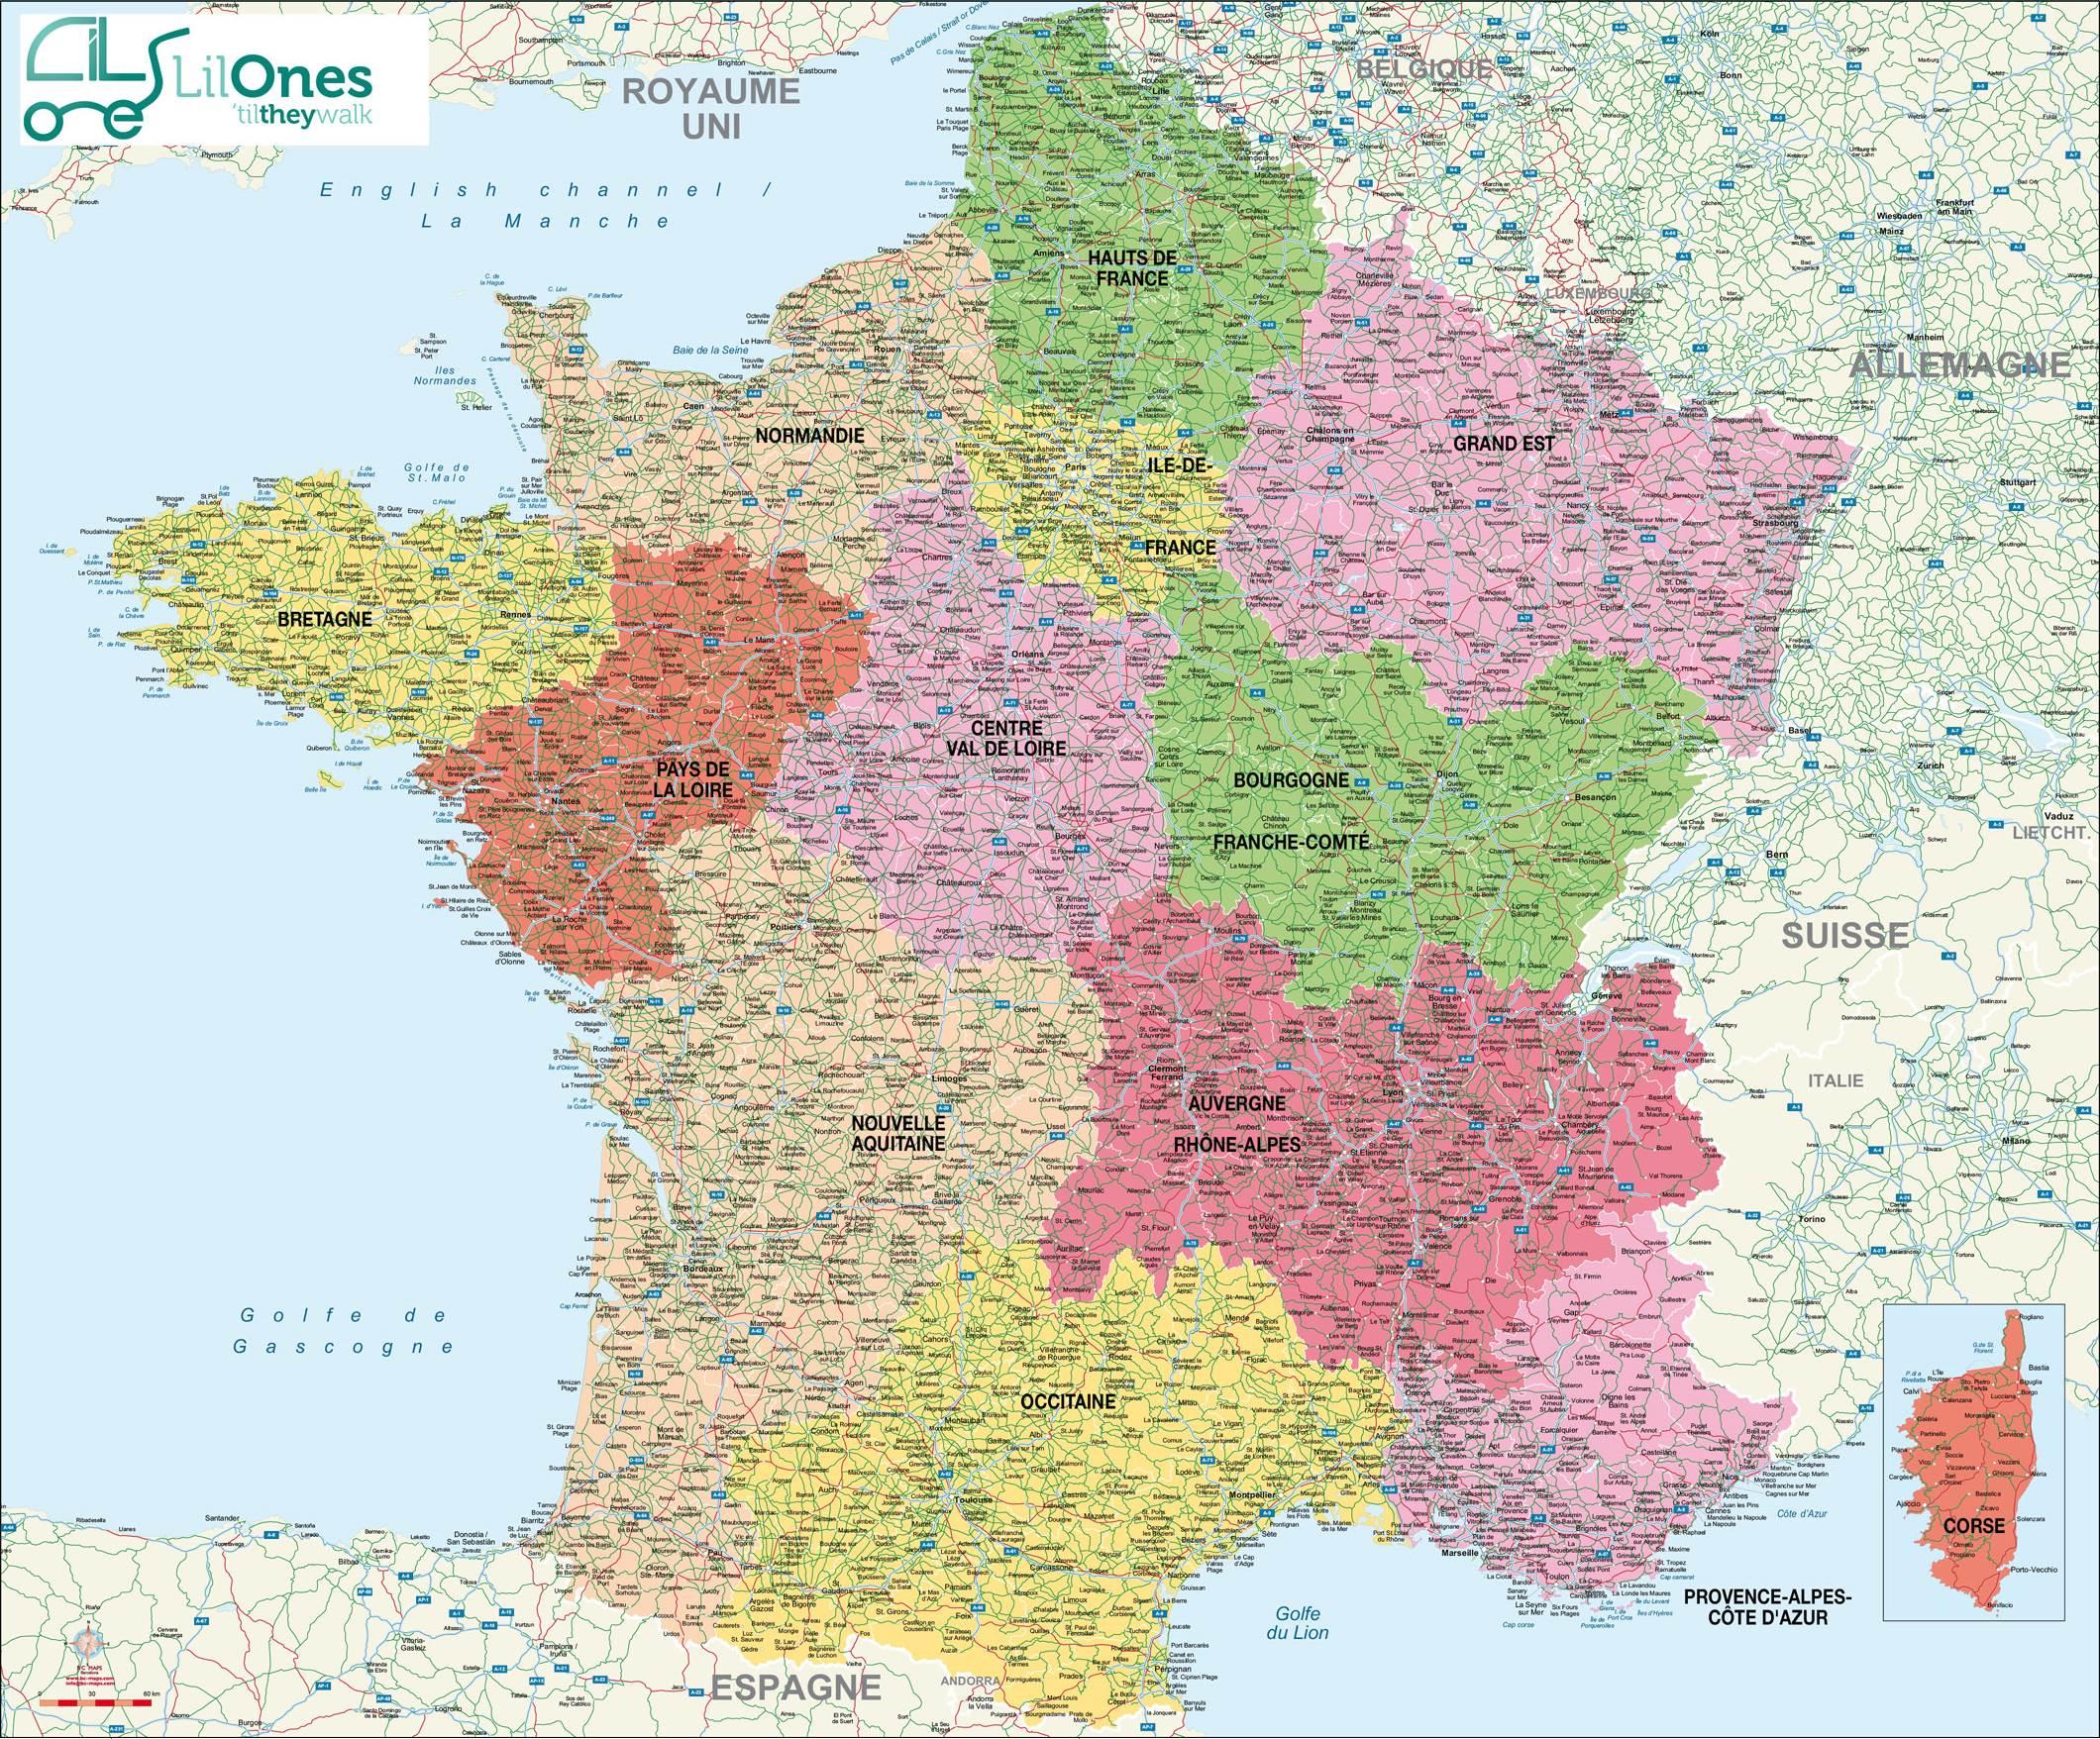 Cartes De France : Cartes Des Régions, Départements Et tout Carte Routiere France Gratuite